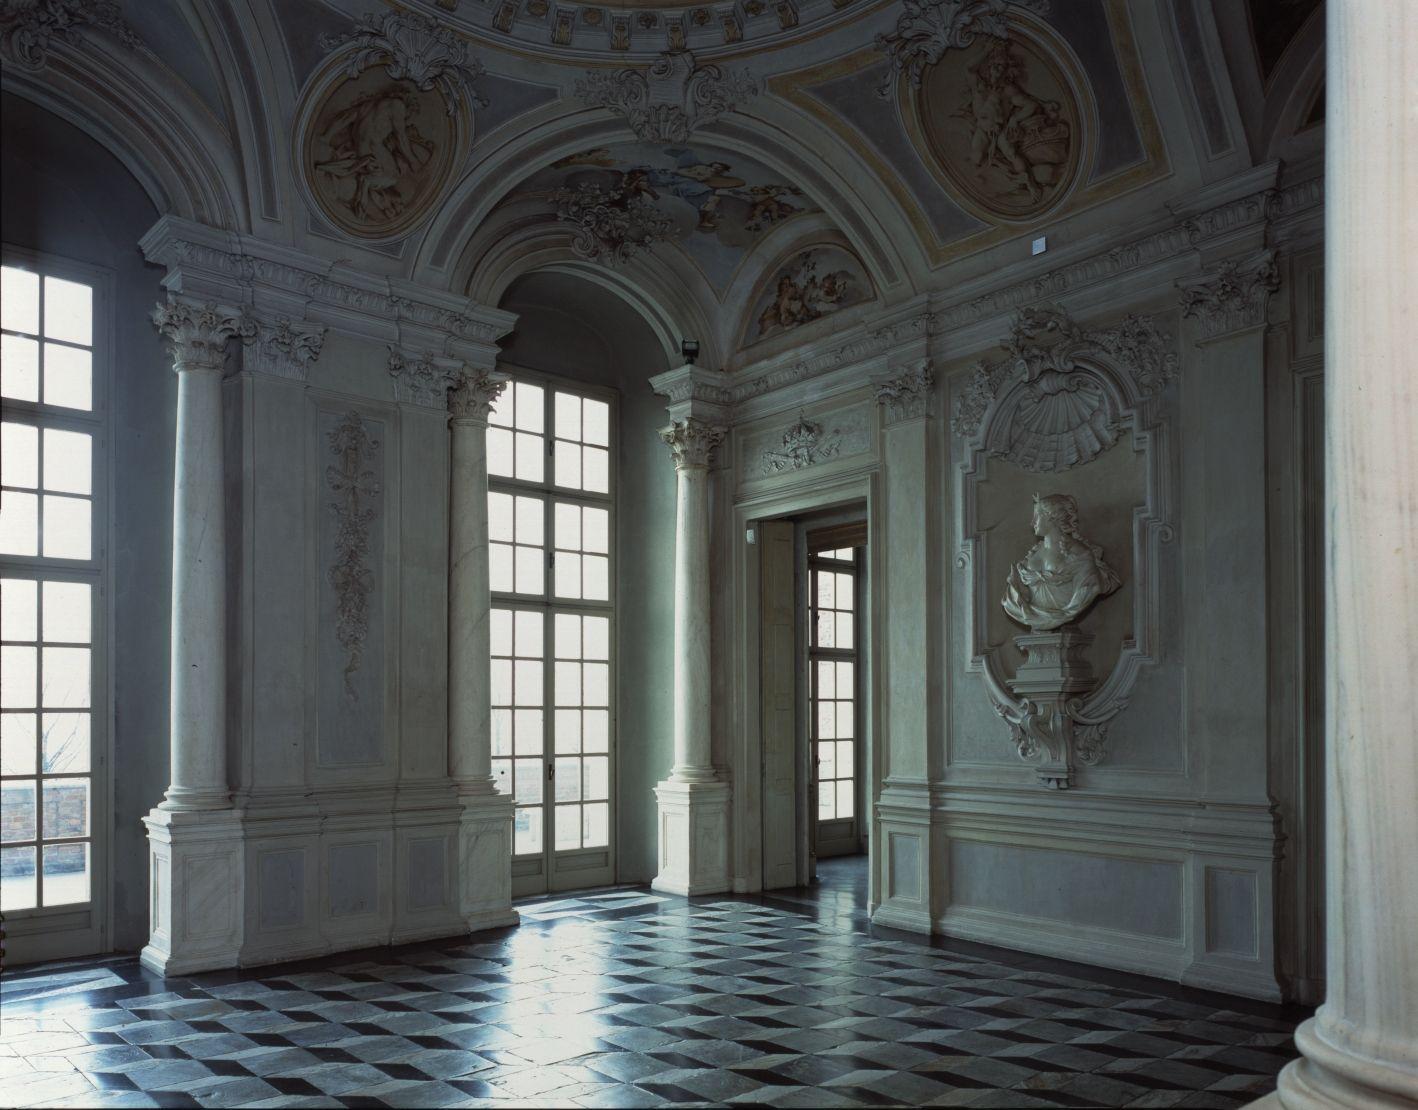 Atrio O Sala Di Bacco E Arianna En El Castillo Di Rivoli Provincia De Turin Piamonte Italia Castle Architecture Italy